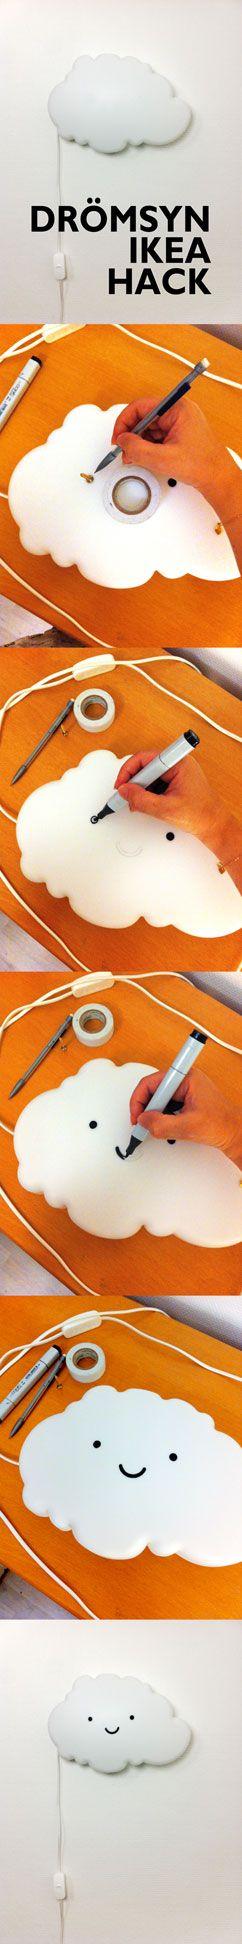 Drömsyn Ikea Hack. Eine leichte Wolke verwandelte sich in eine niedliche lächelnde helle Wolke. Nuage kawaii!